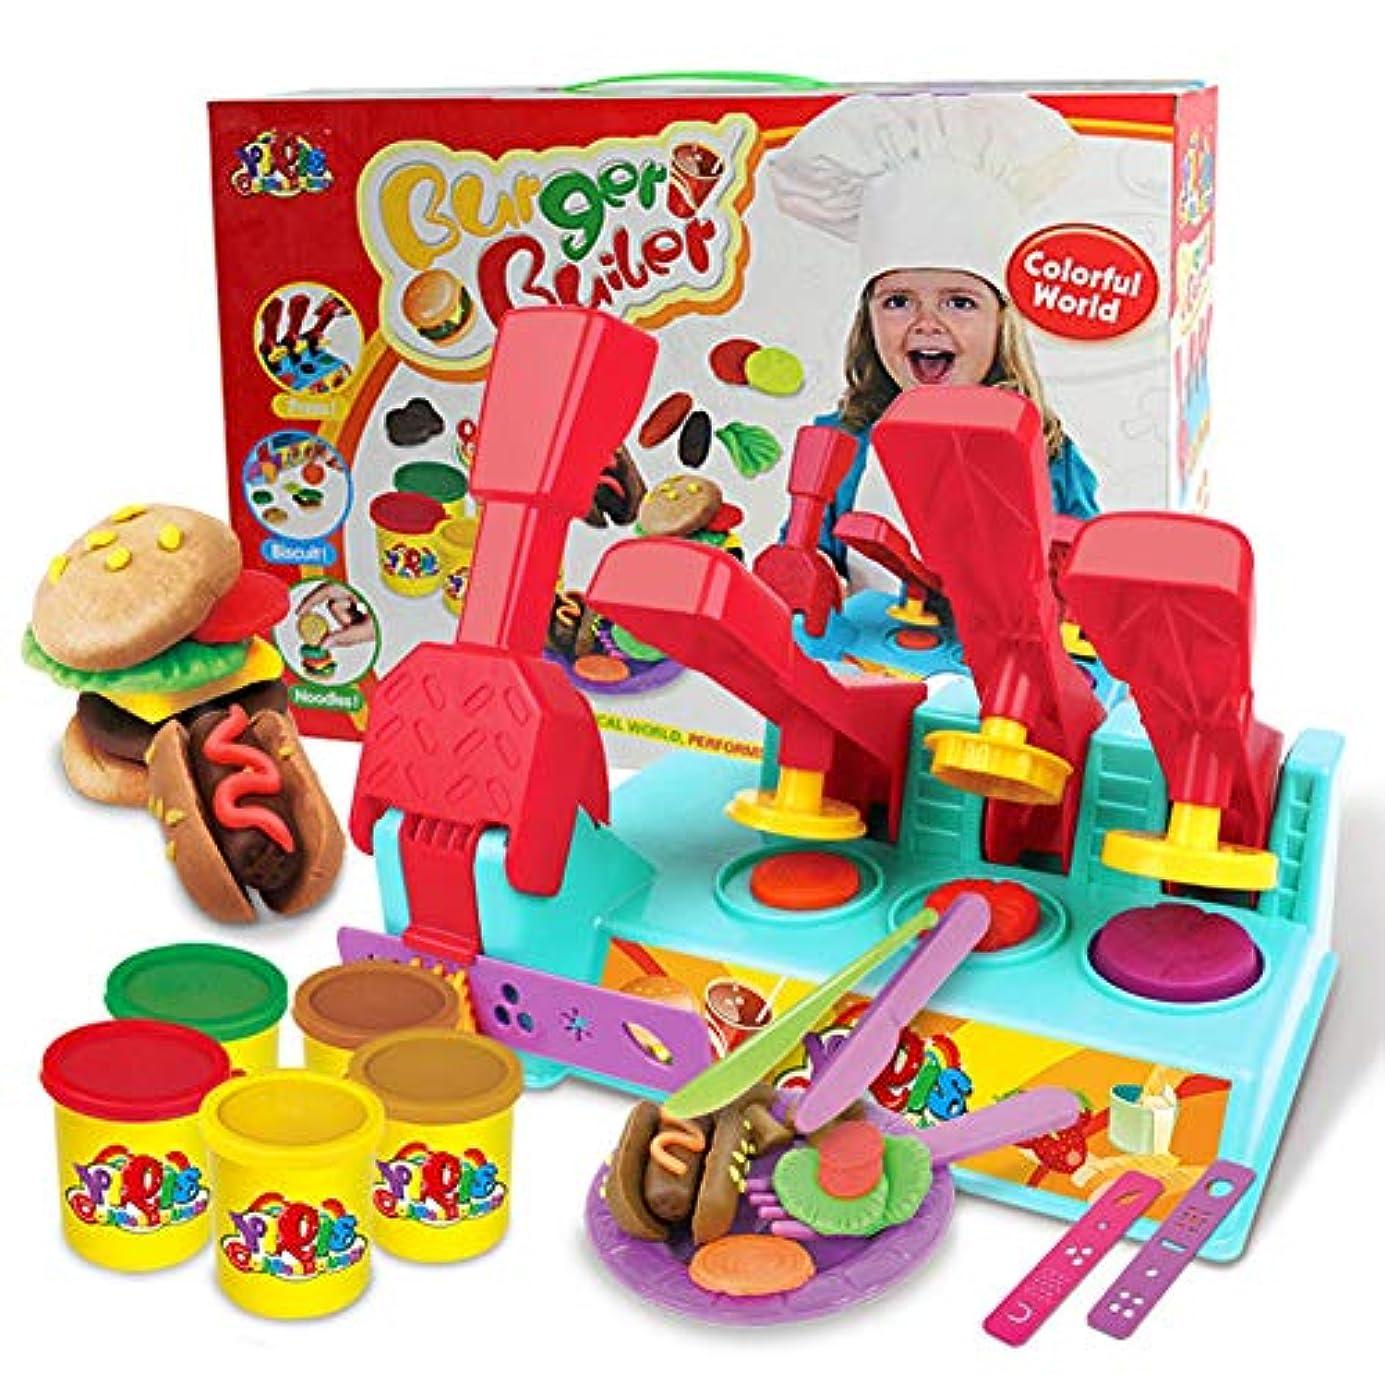 移動する高潔な接尾辞ACHICOO ままごと ごっこ遊び プラスチシン ハンバーガー型 知育 セット コンビネーション カラーマッド 子供